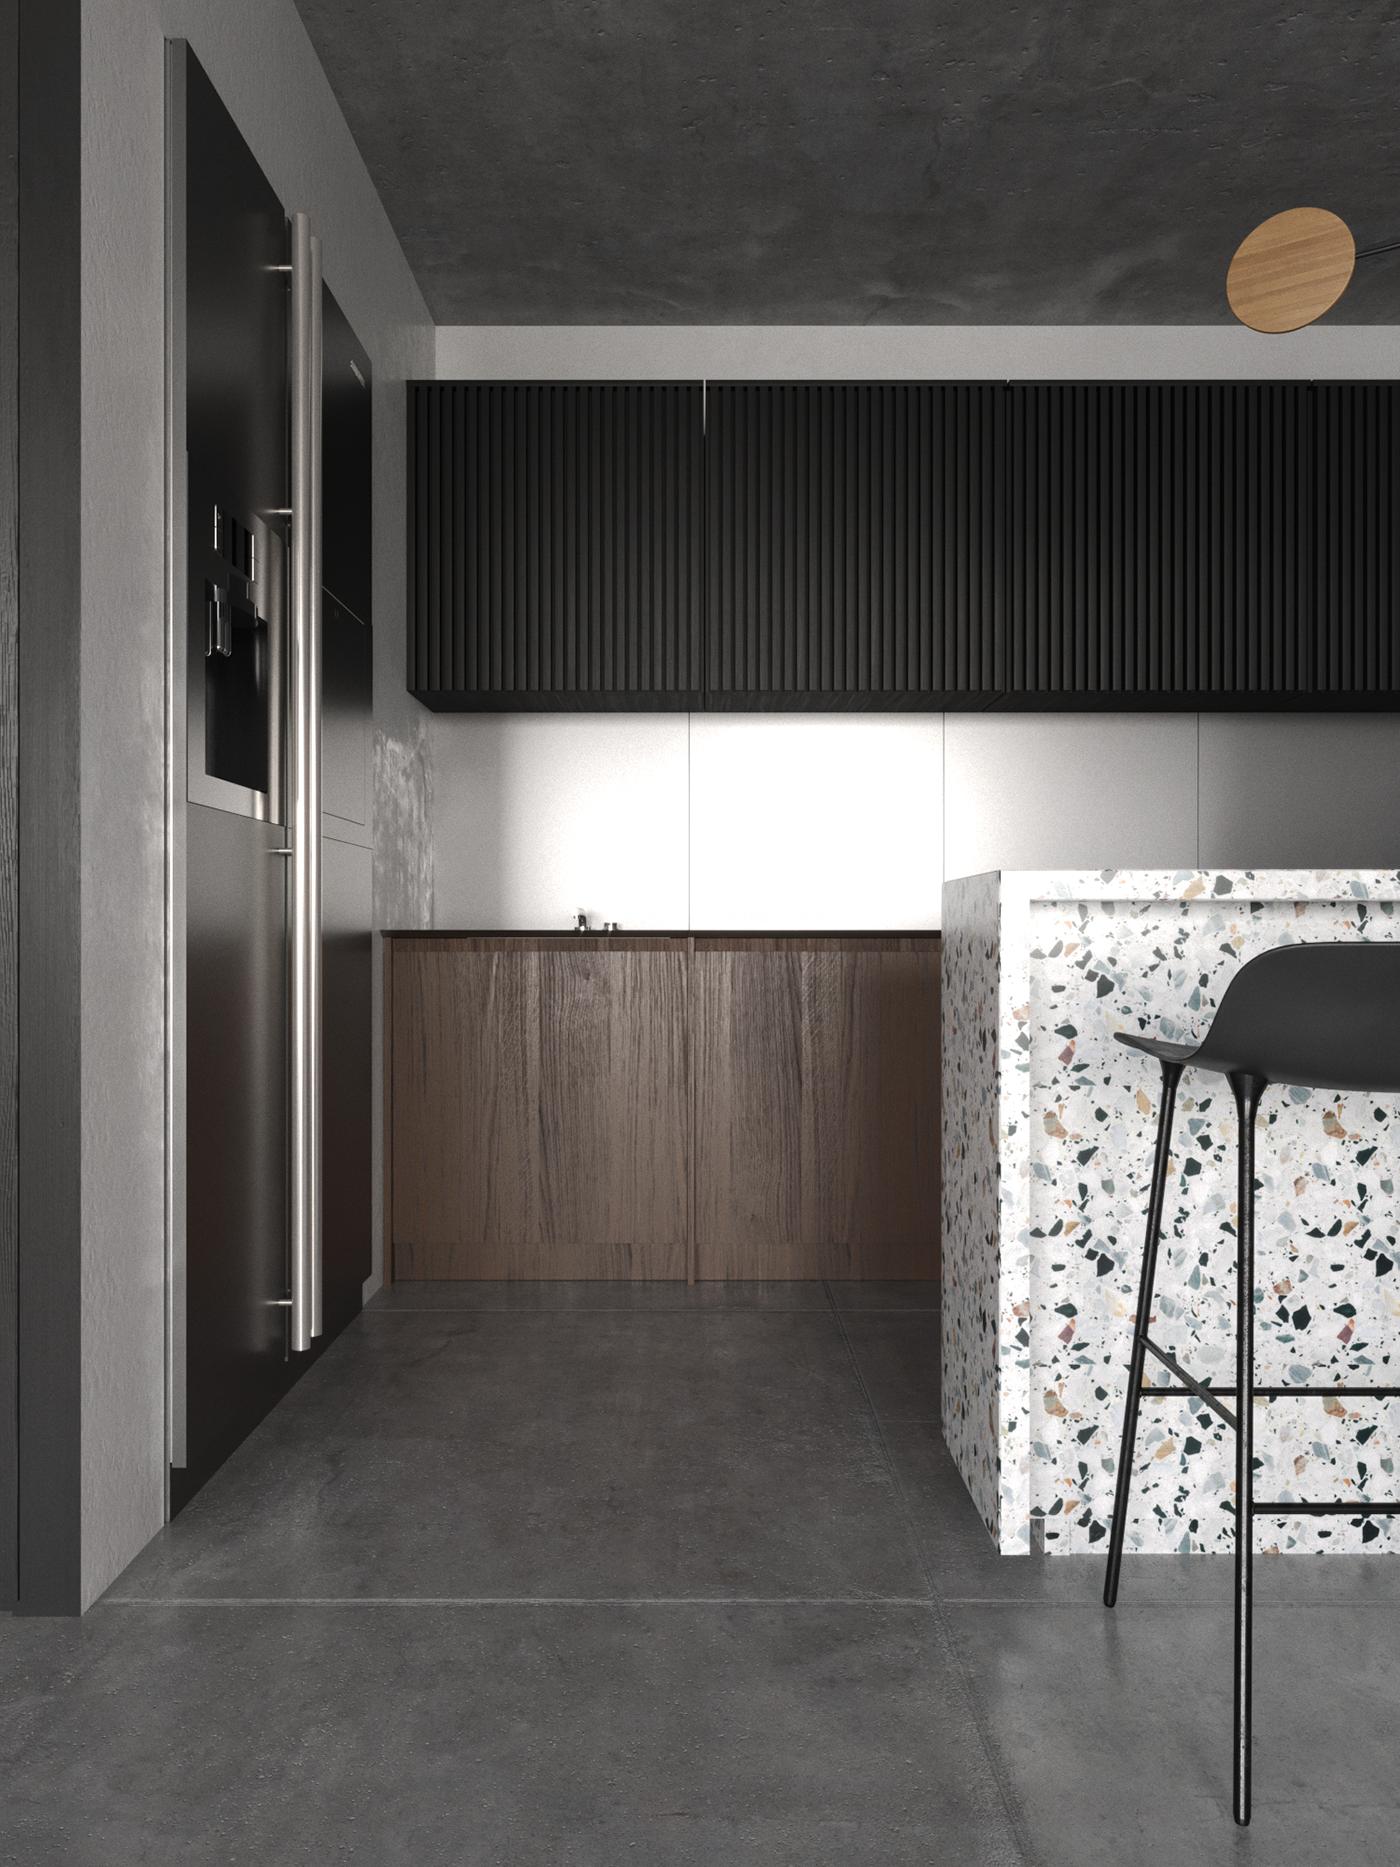 Dachboden über küchenideen soul project vol on behance  küche  pinterest